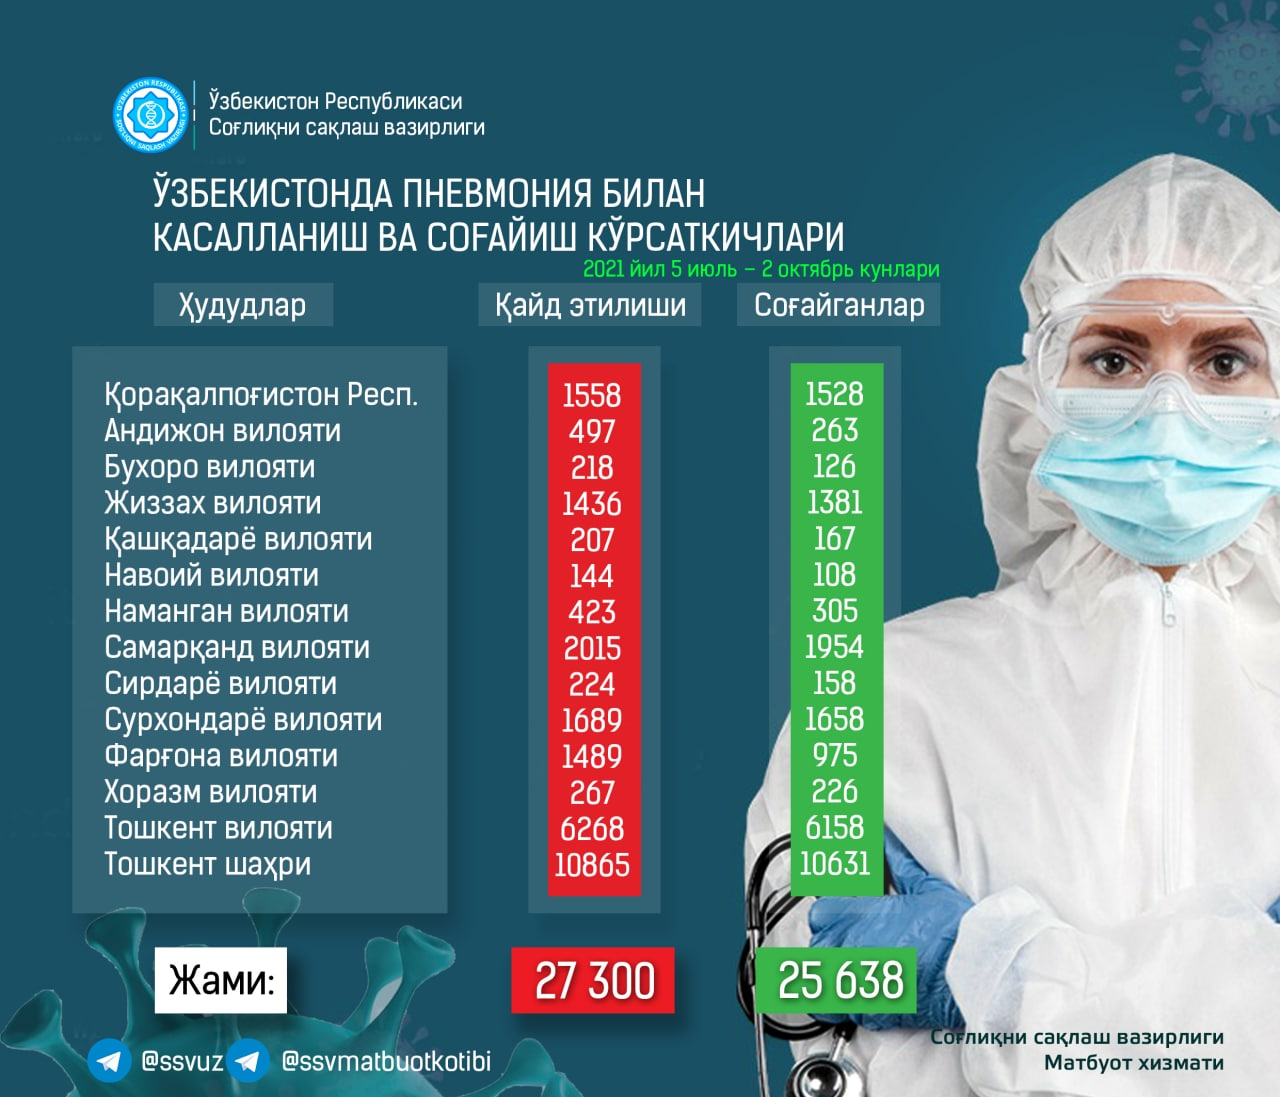 Свыше полутора тысячи узбекистанцев проходят лечение от пневмонии — статистика